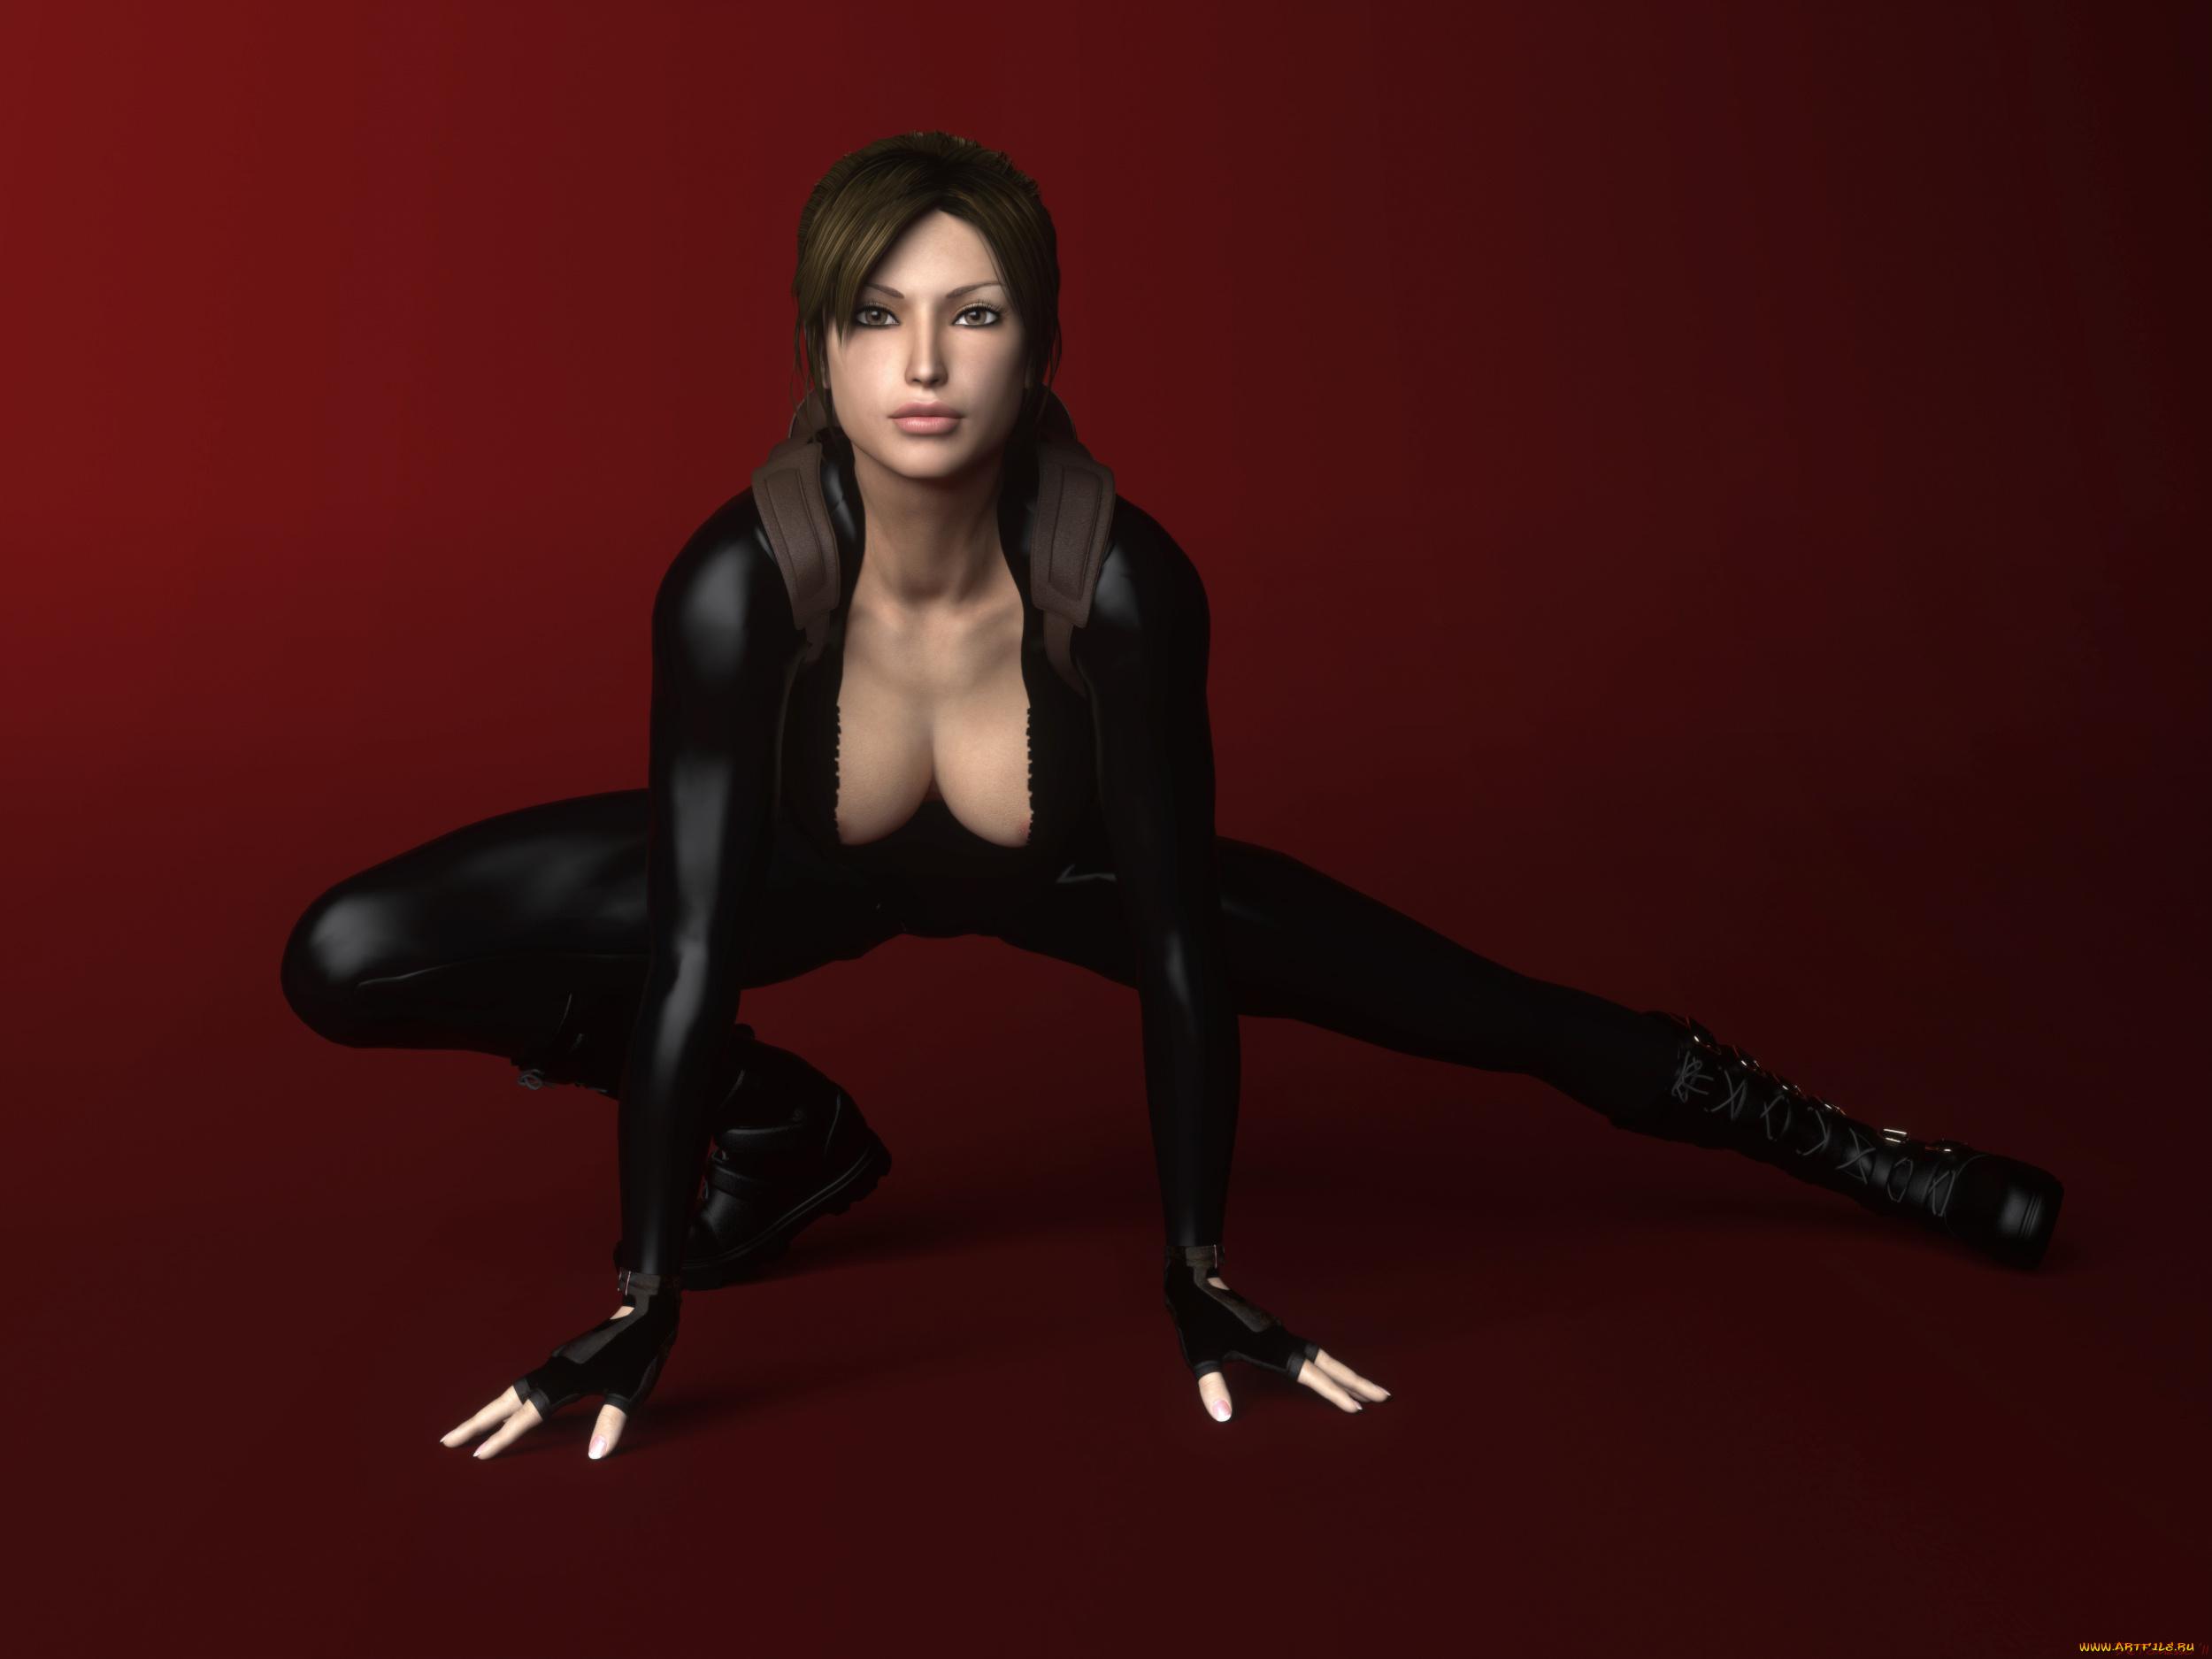 3d девушки секс фото № 249507 бесплатно